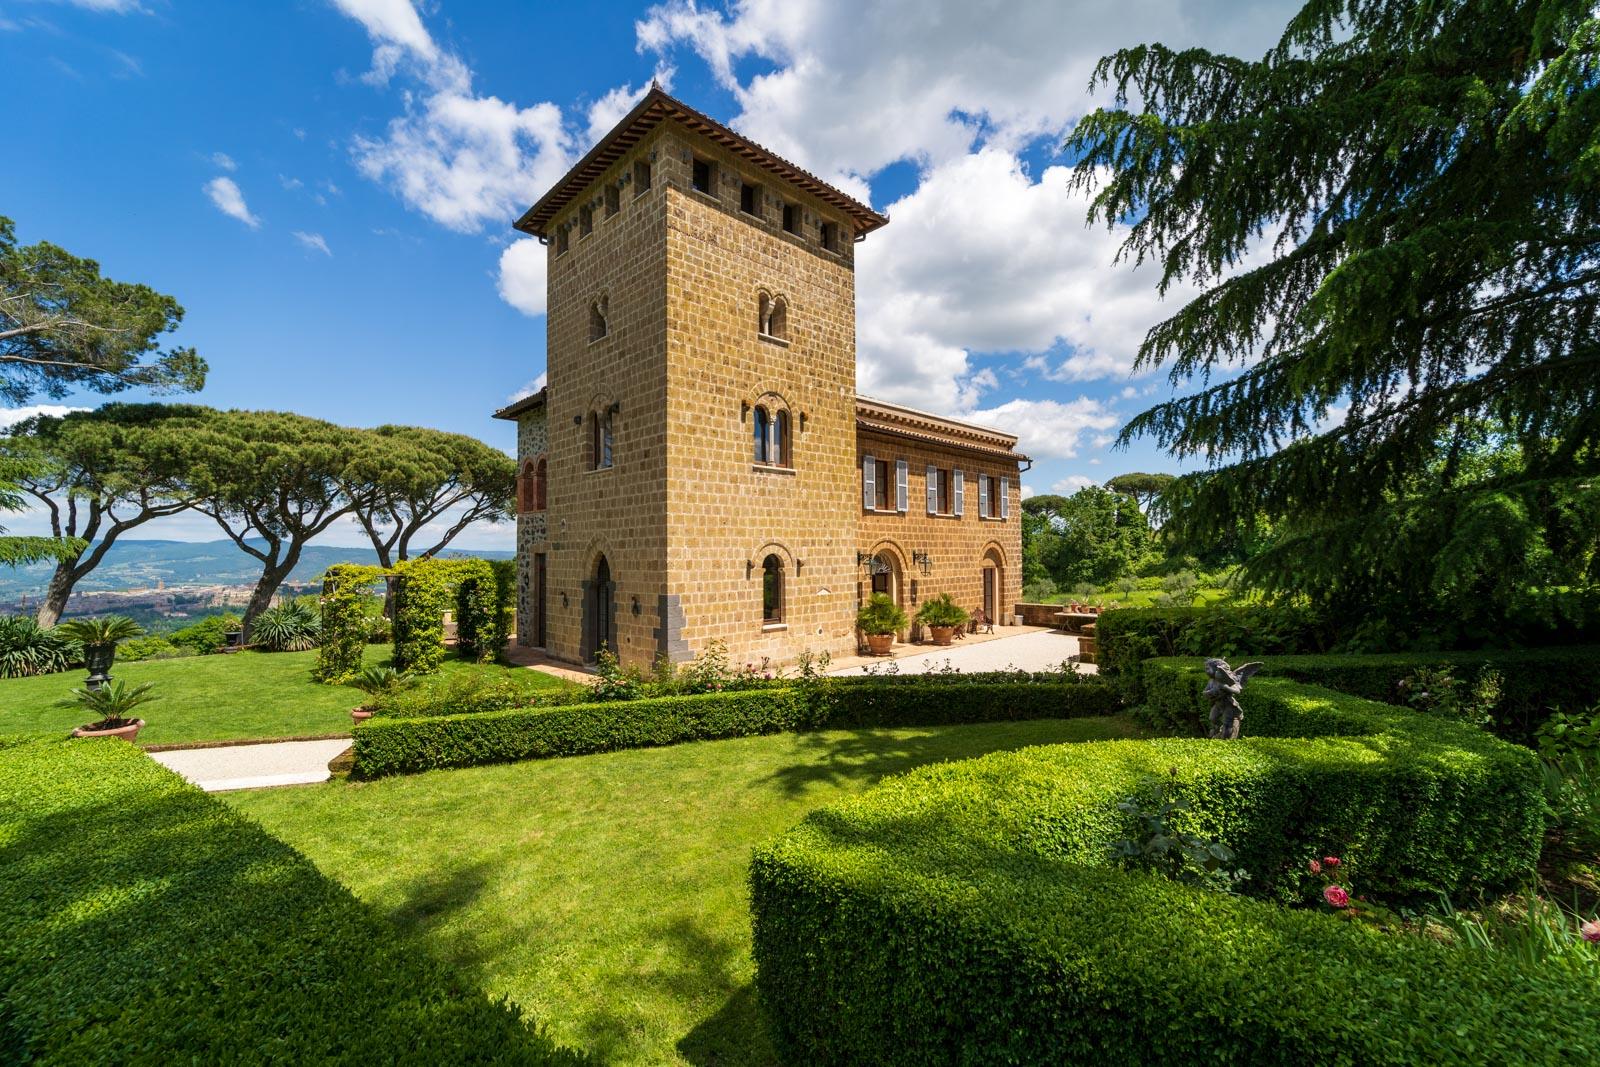 Villa ottocentesca con cottage per gli ospiti, appartamento per il custode e piscina con vista mozzafiato su Orvieto